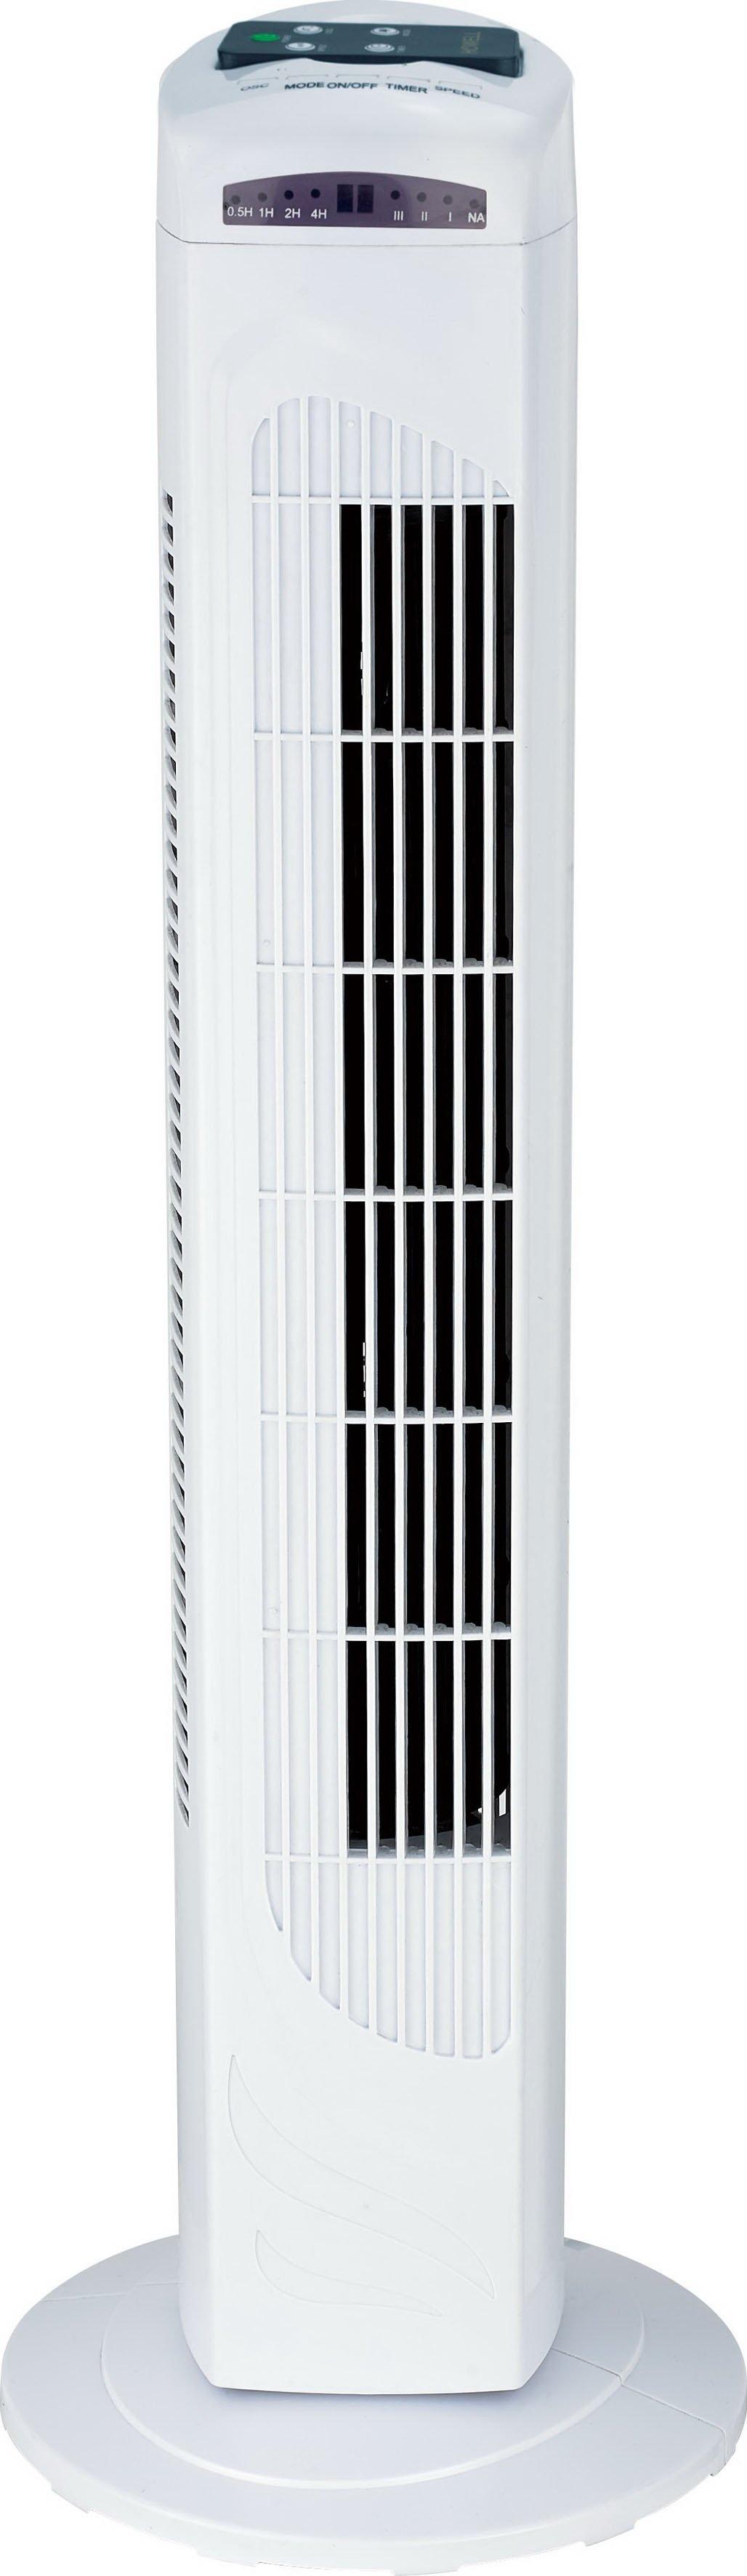 KLARBACH torenventilator VS 34568 we goedkoop op otto.nl kopen